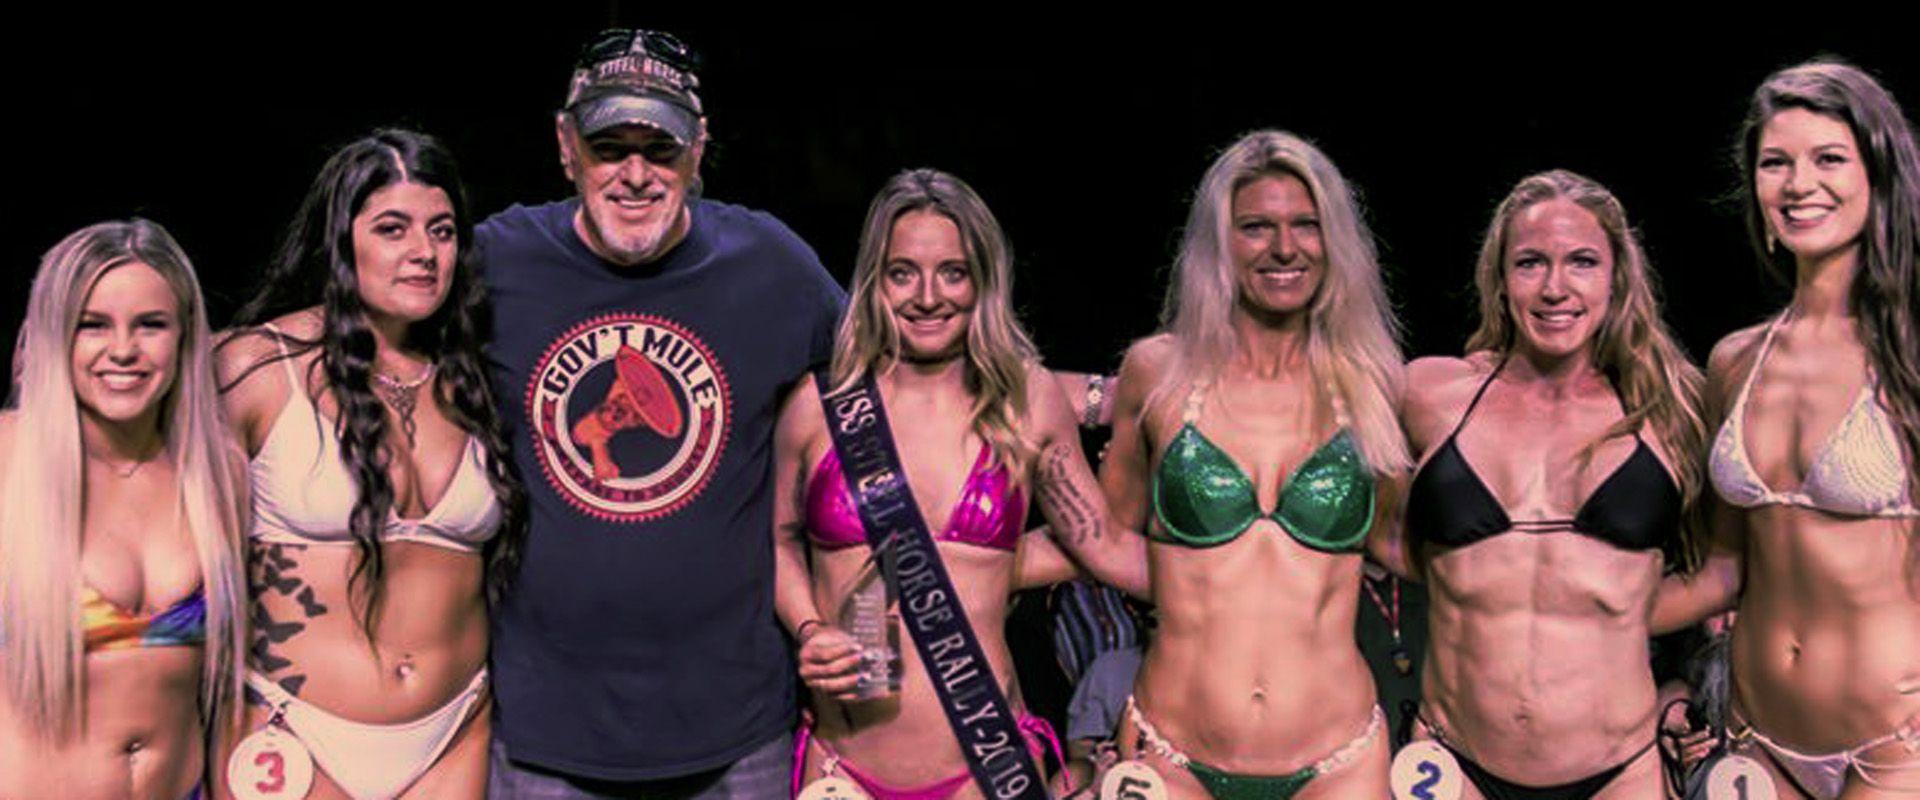 Miss SHR Bikini Contest